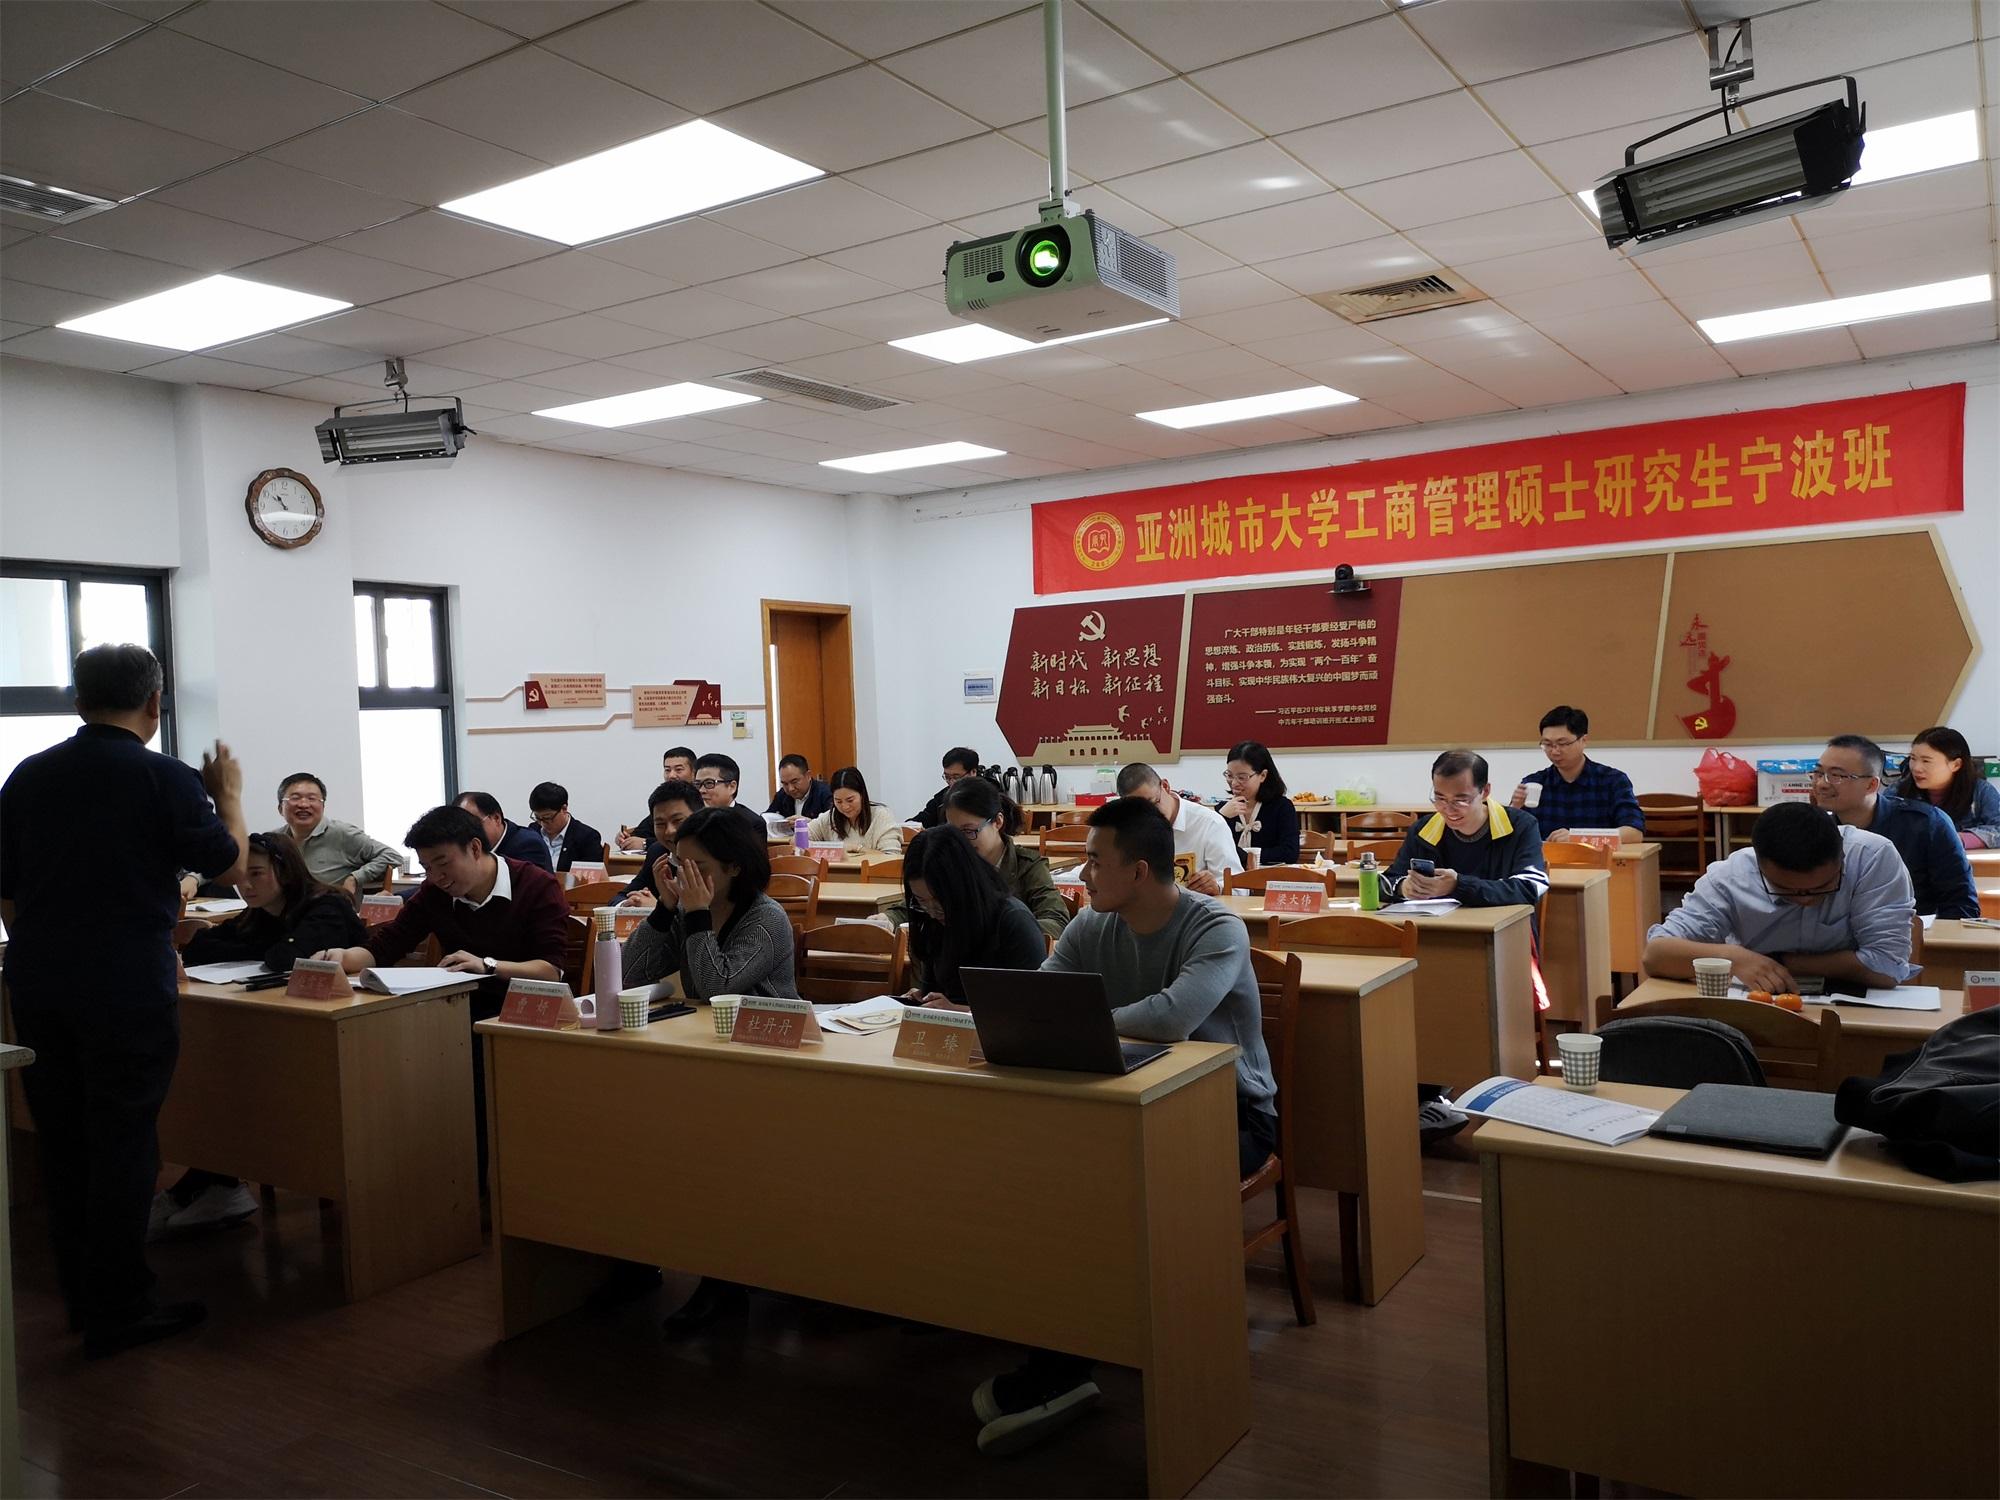 南孔教育 亚洲城市大学MBA宁波班《战略管理》课程回顾